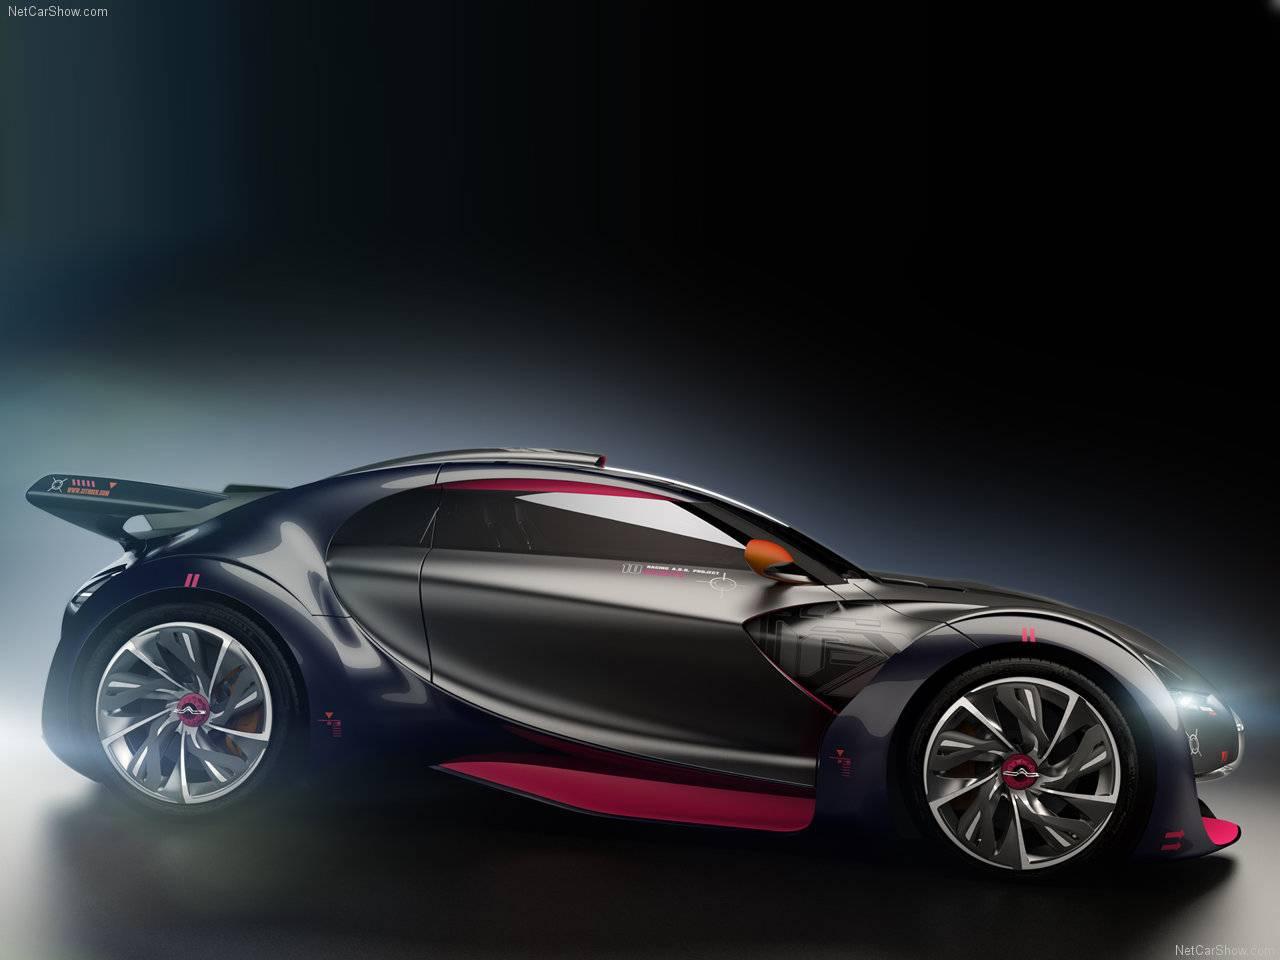 Automotivegeneral Citroen Survolt Concept Car Wallpapers